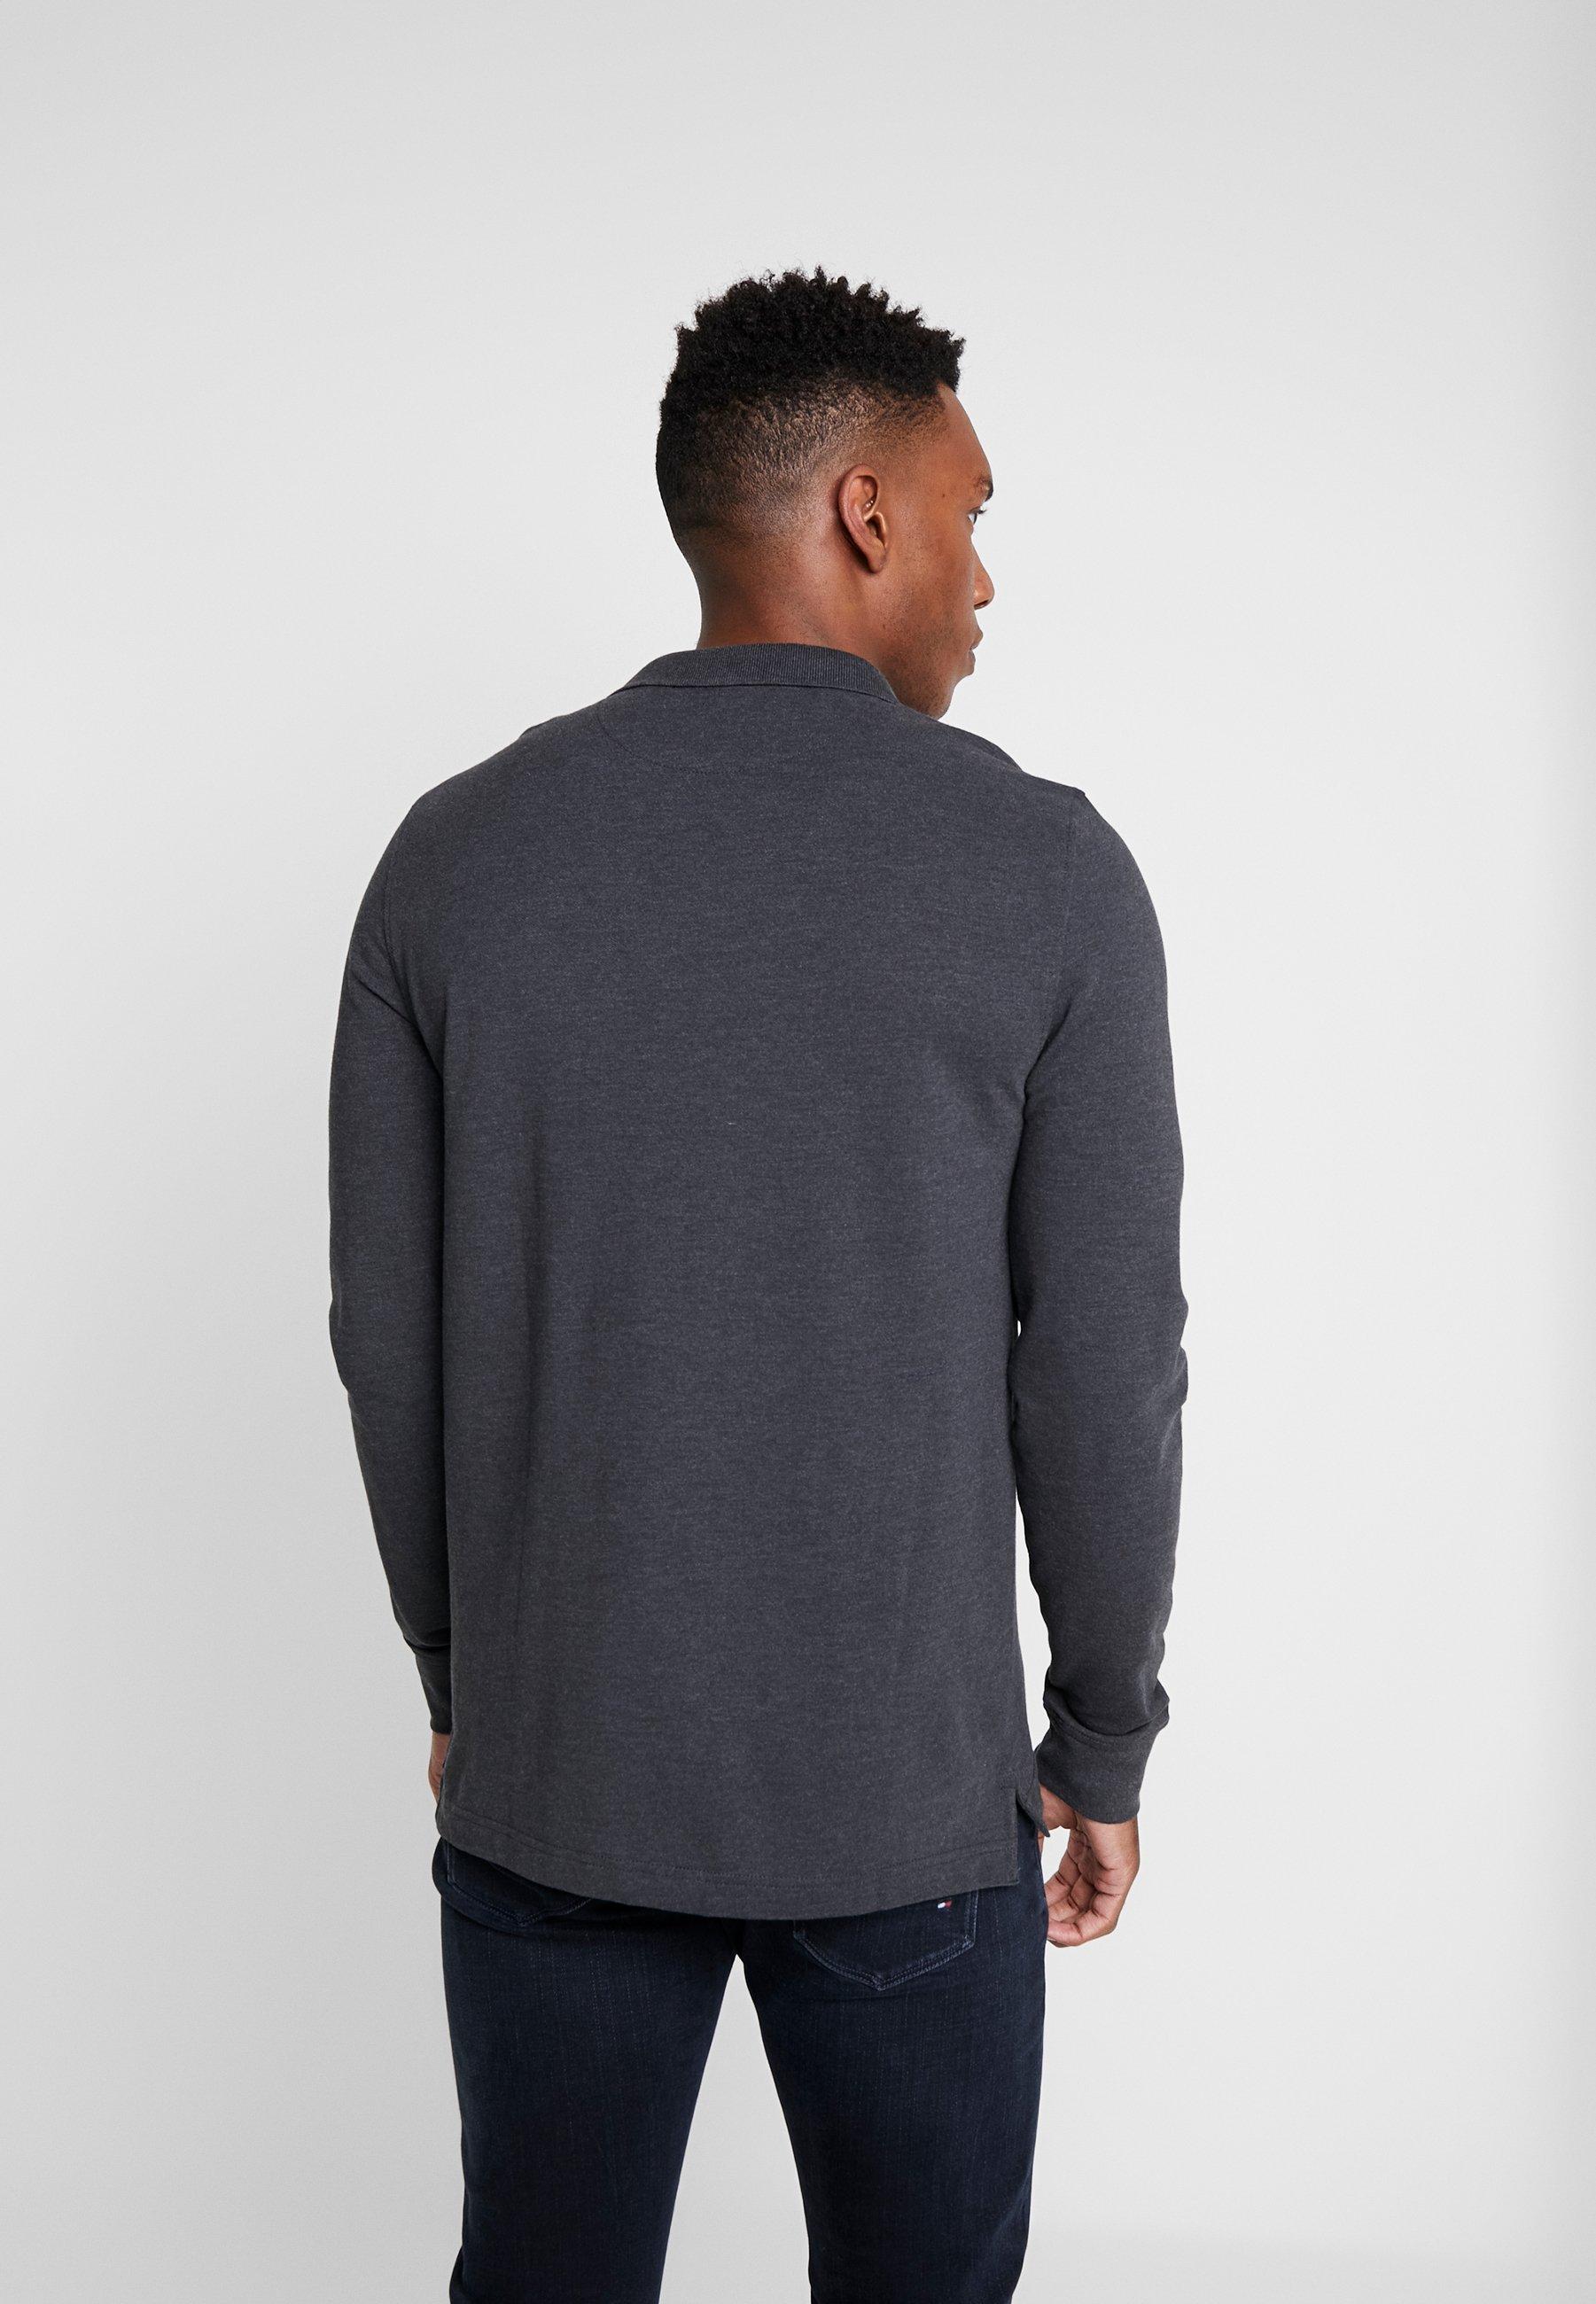 Pier One 2 Pack - Poloskjorter Mottled Grey/black/grå-melert